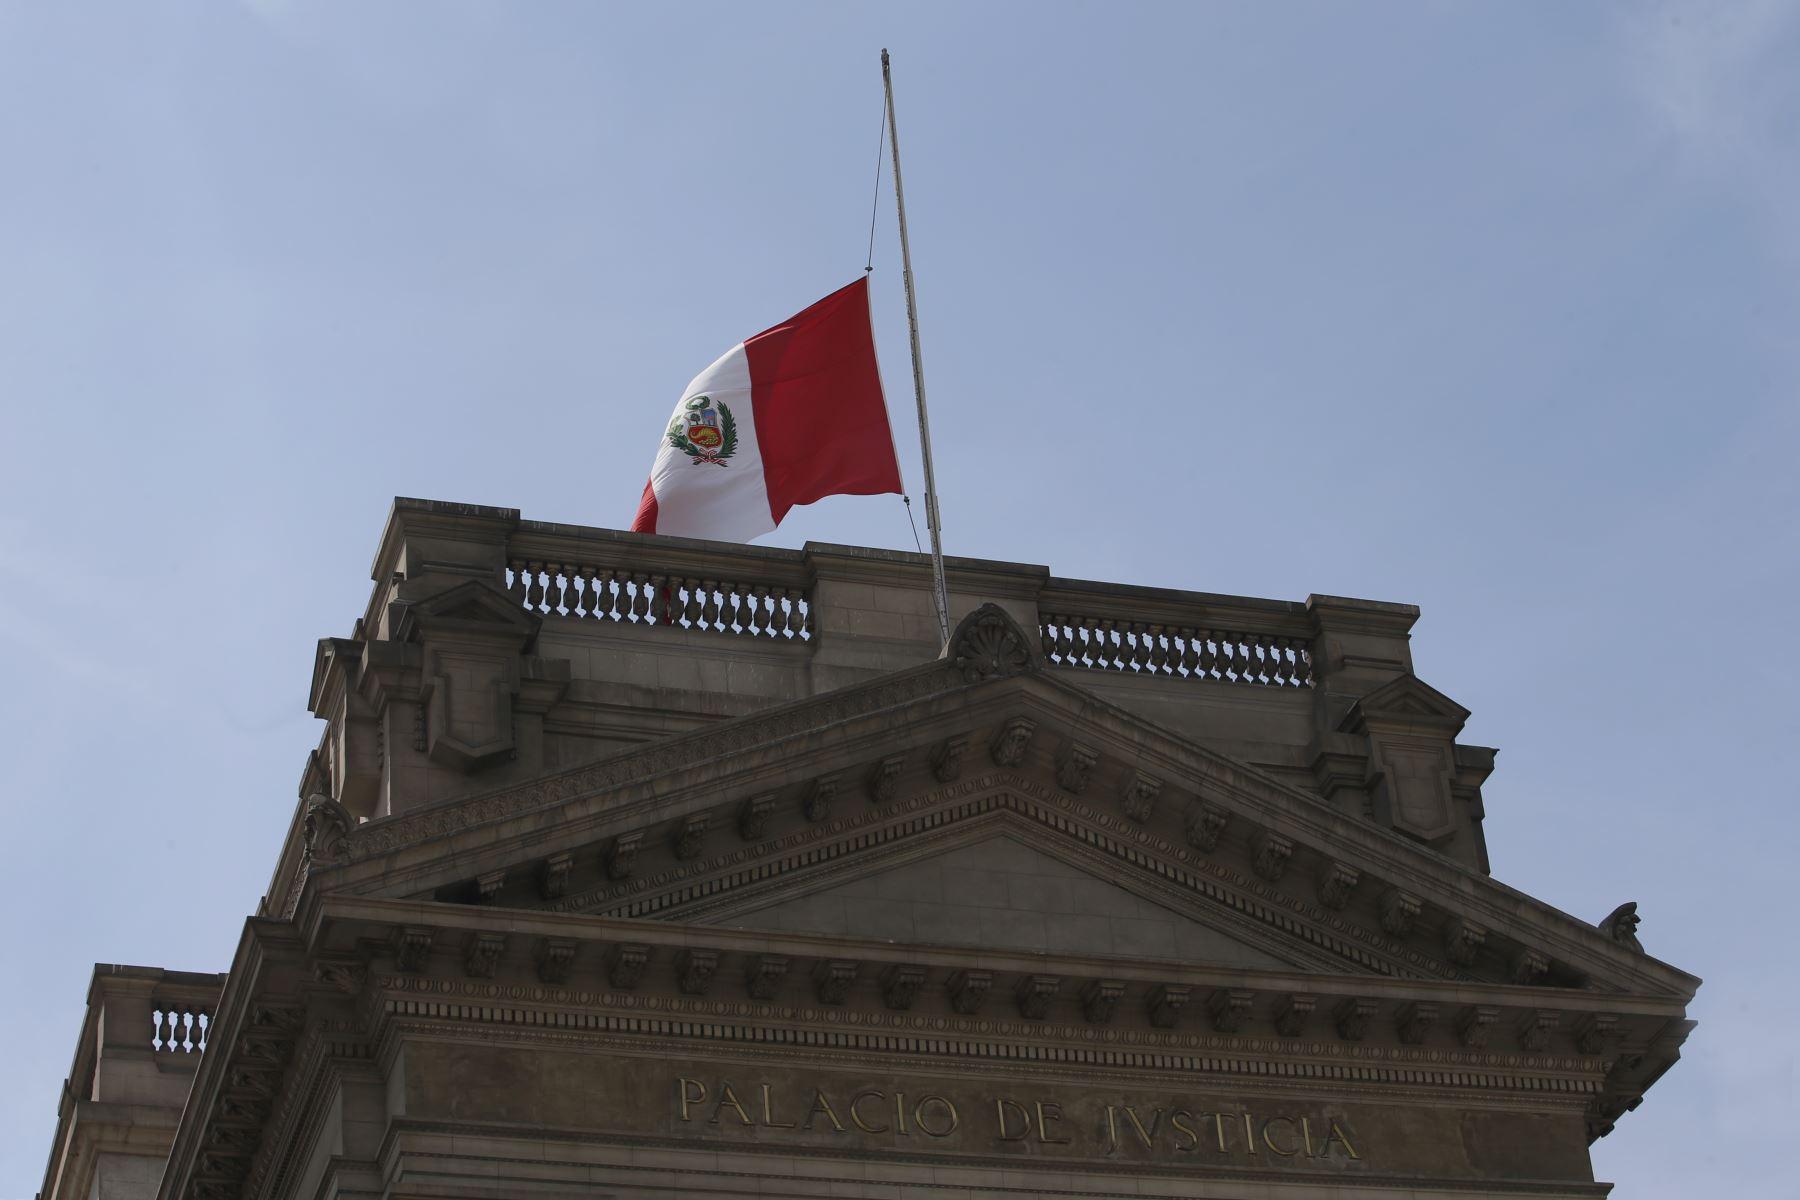 Instituciones Públicas con la Bandera de Perú a media asta con motivo del fallecimiento del ExPresidente Alan Garcia. Palacio de Justicia. Foto: ANDINA/Nathalie Sayago